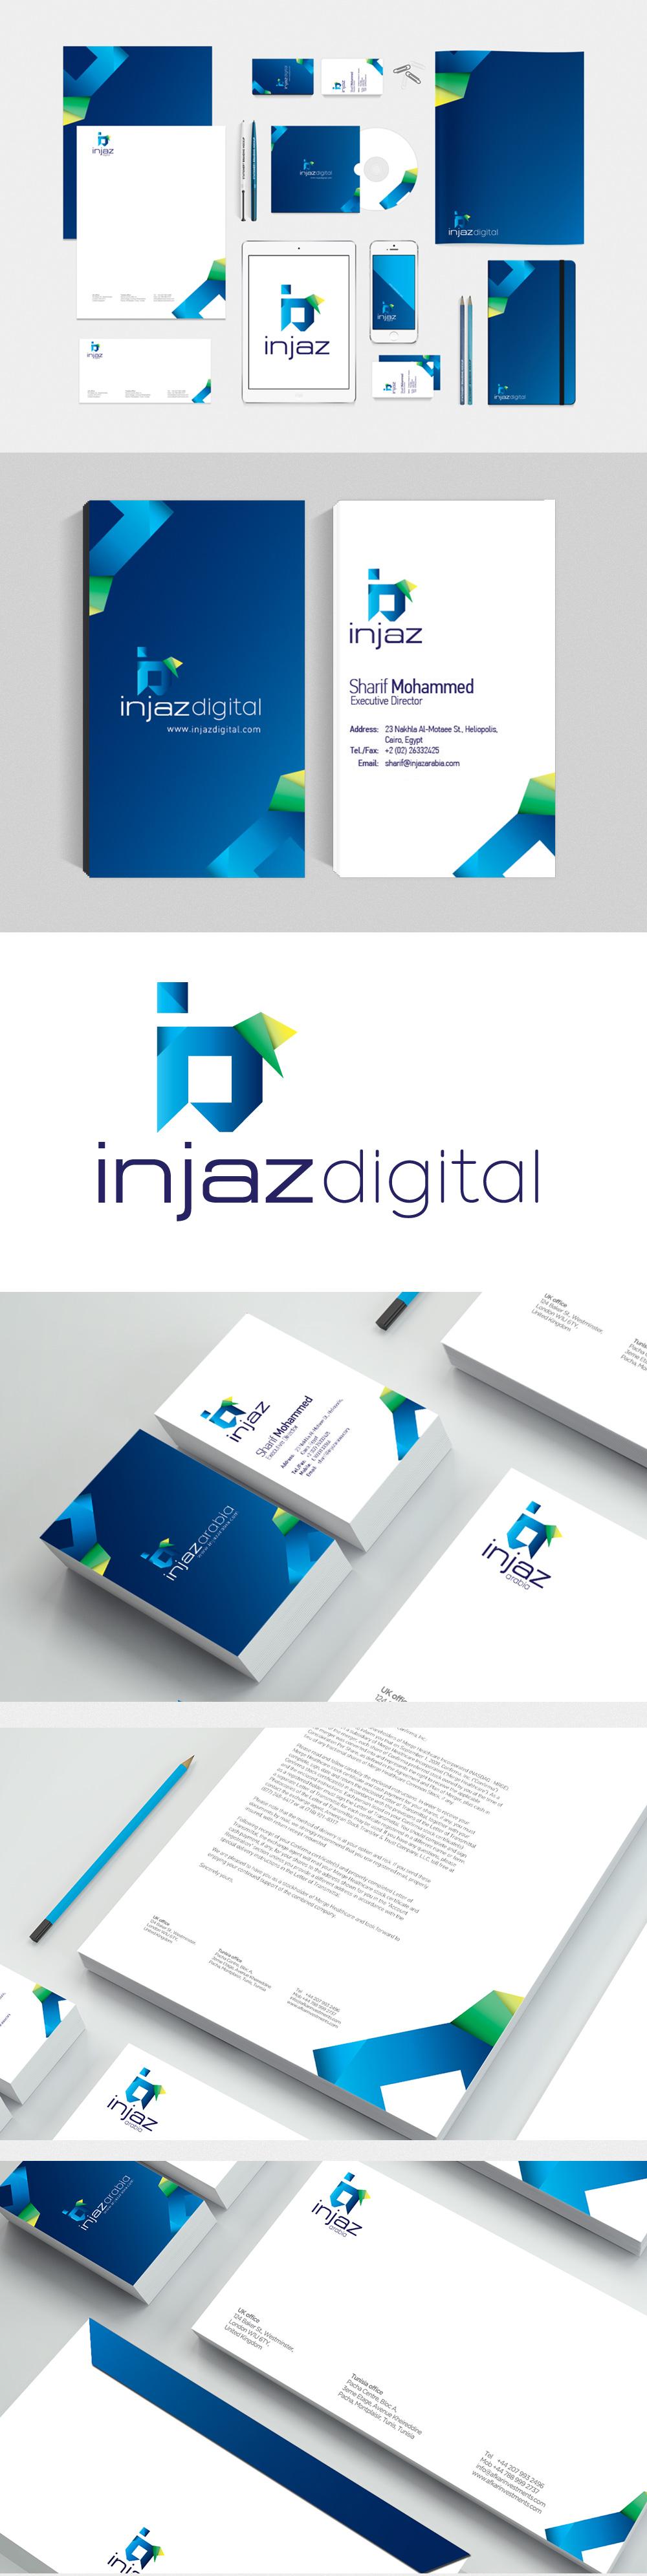 injaz digital egypt corporate identity branding design blue mobile